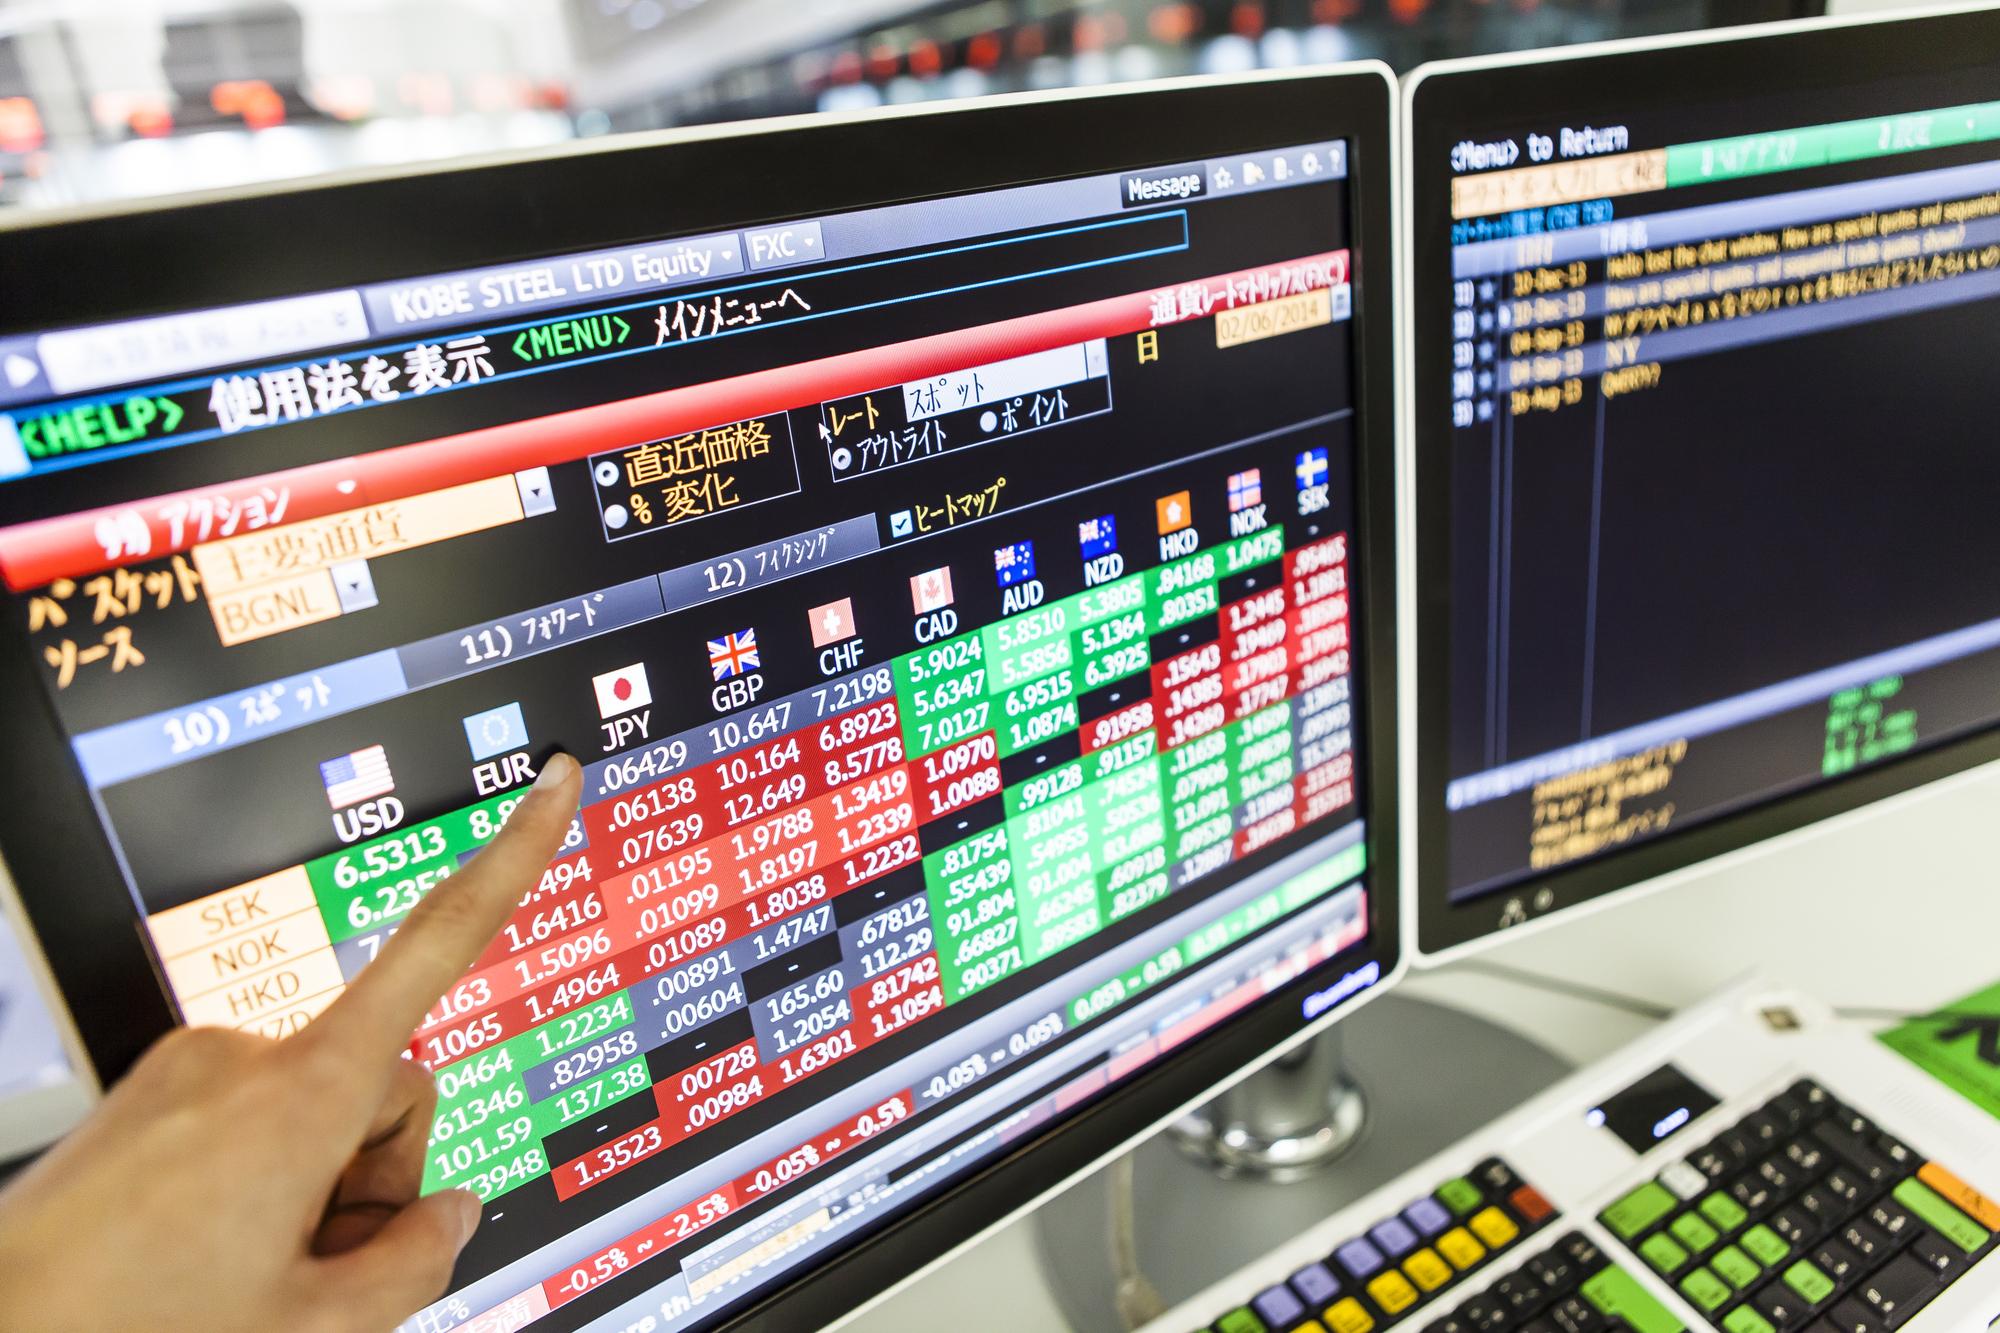 株式投資初心者は必ず知っておきたい、証券会社の選び方